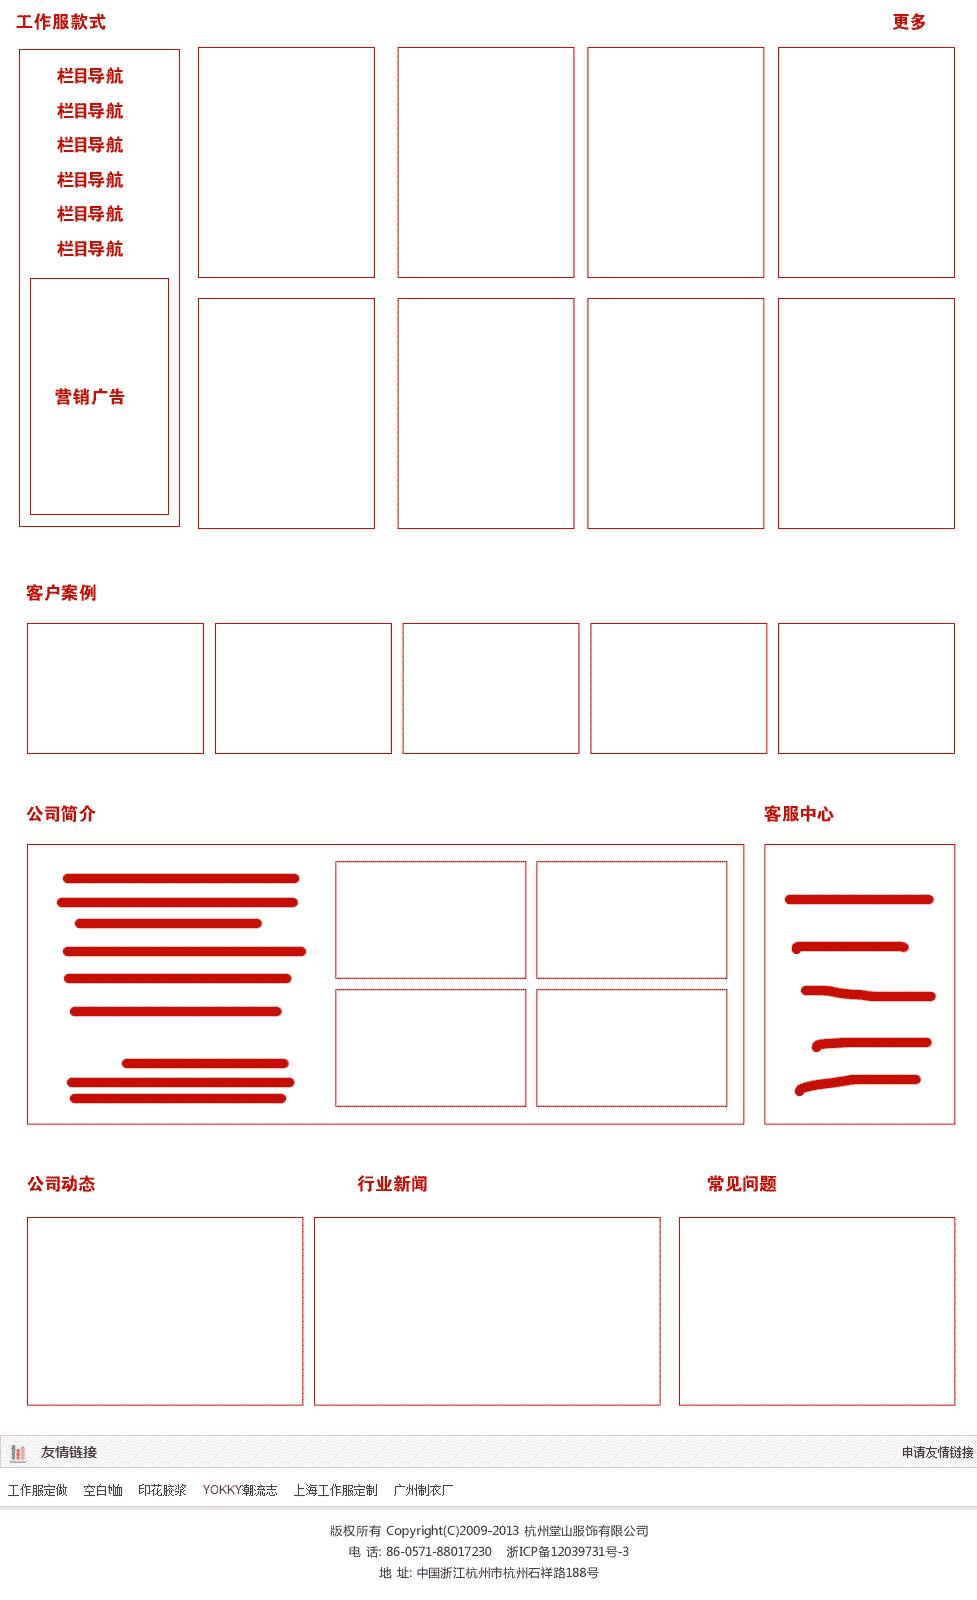 首页优化布局策划图